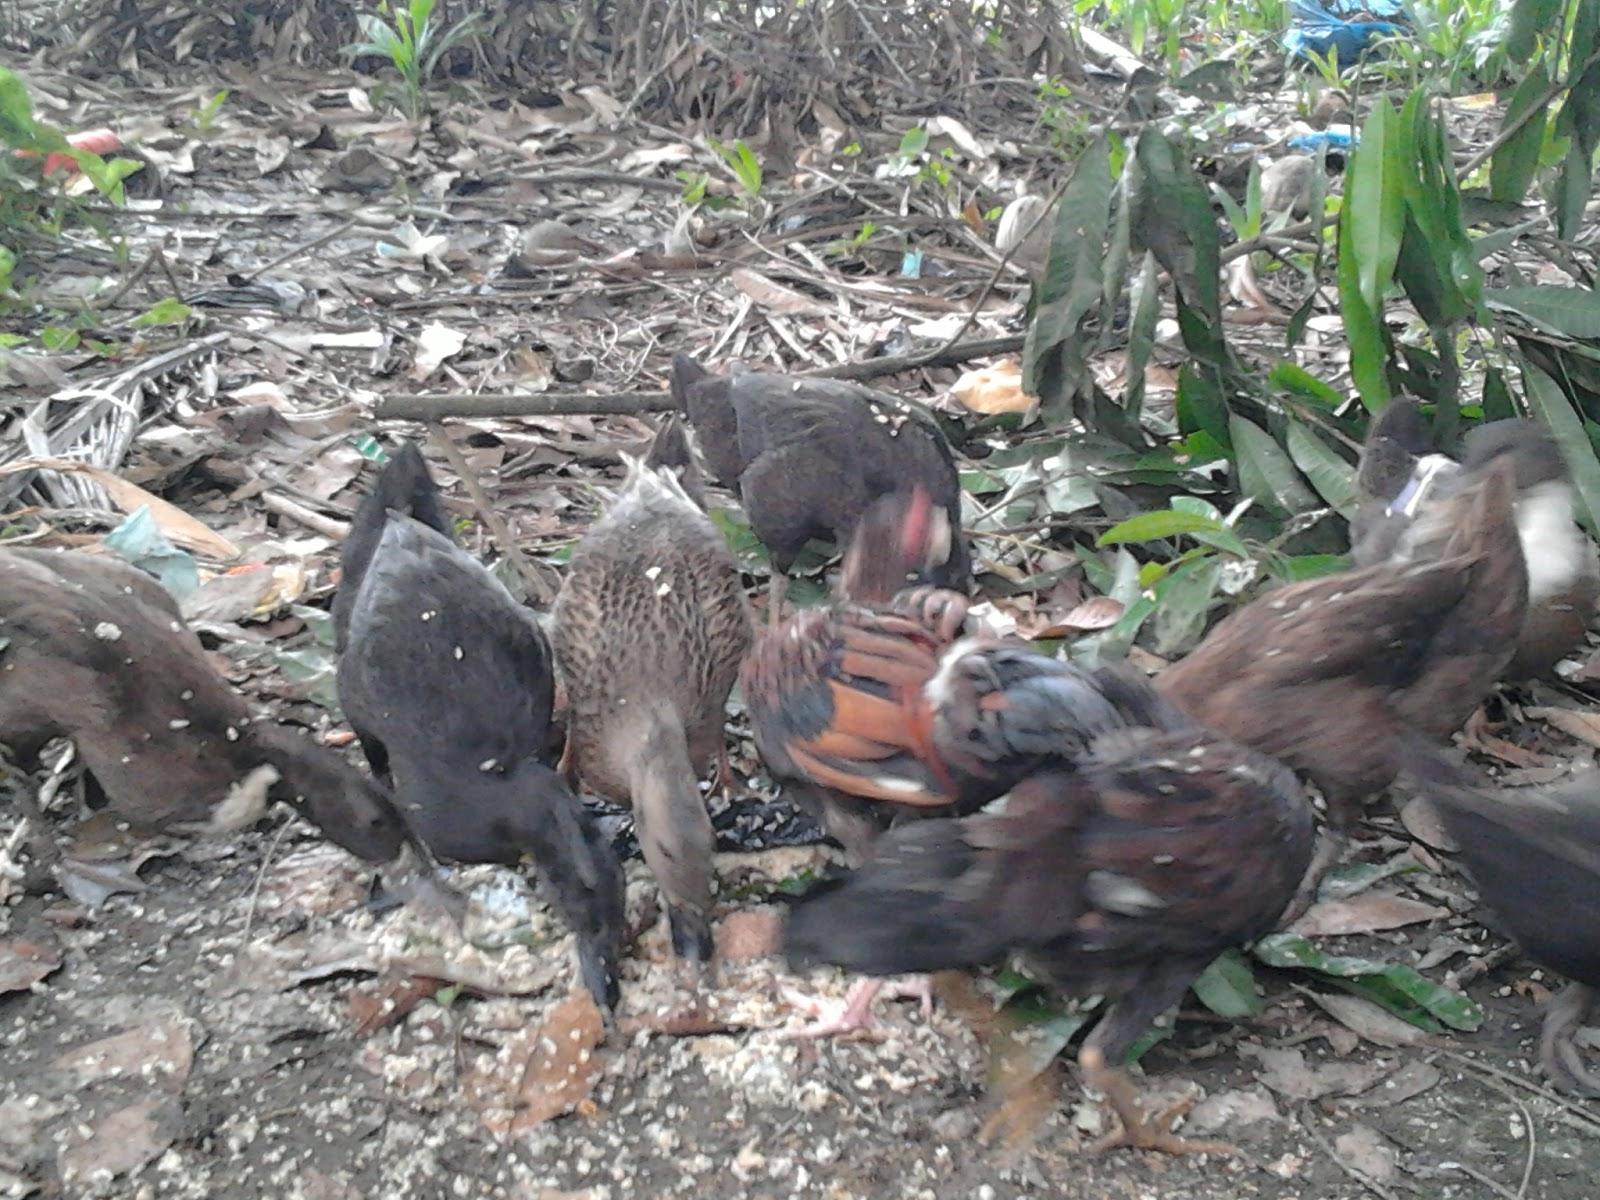 101 Gambar Bebek Sedang Makan Paling Keren